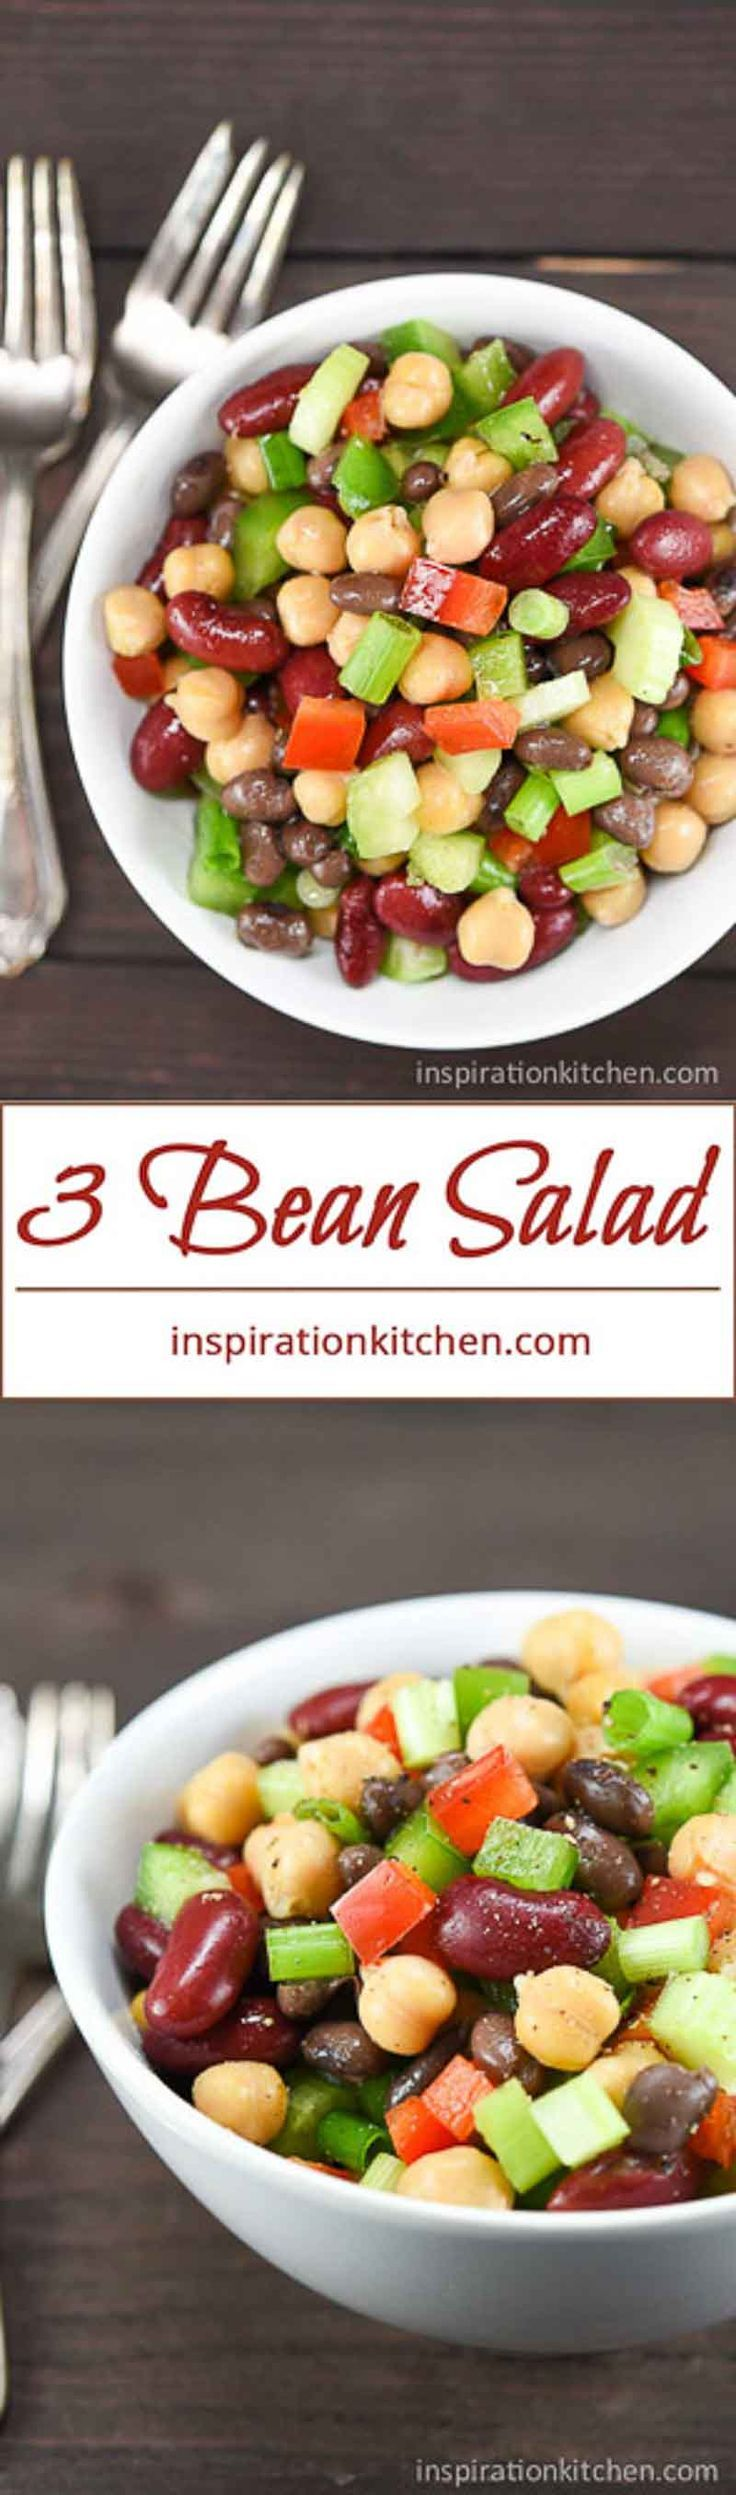 3 Bean Salad Collage | Inspiration Kitchen